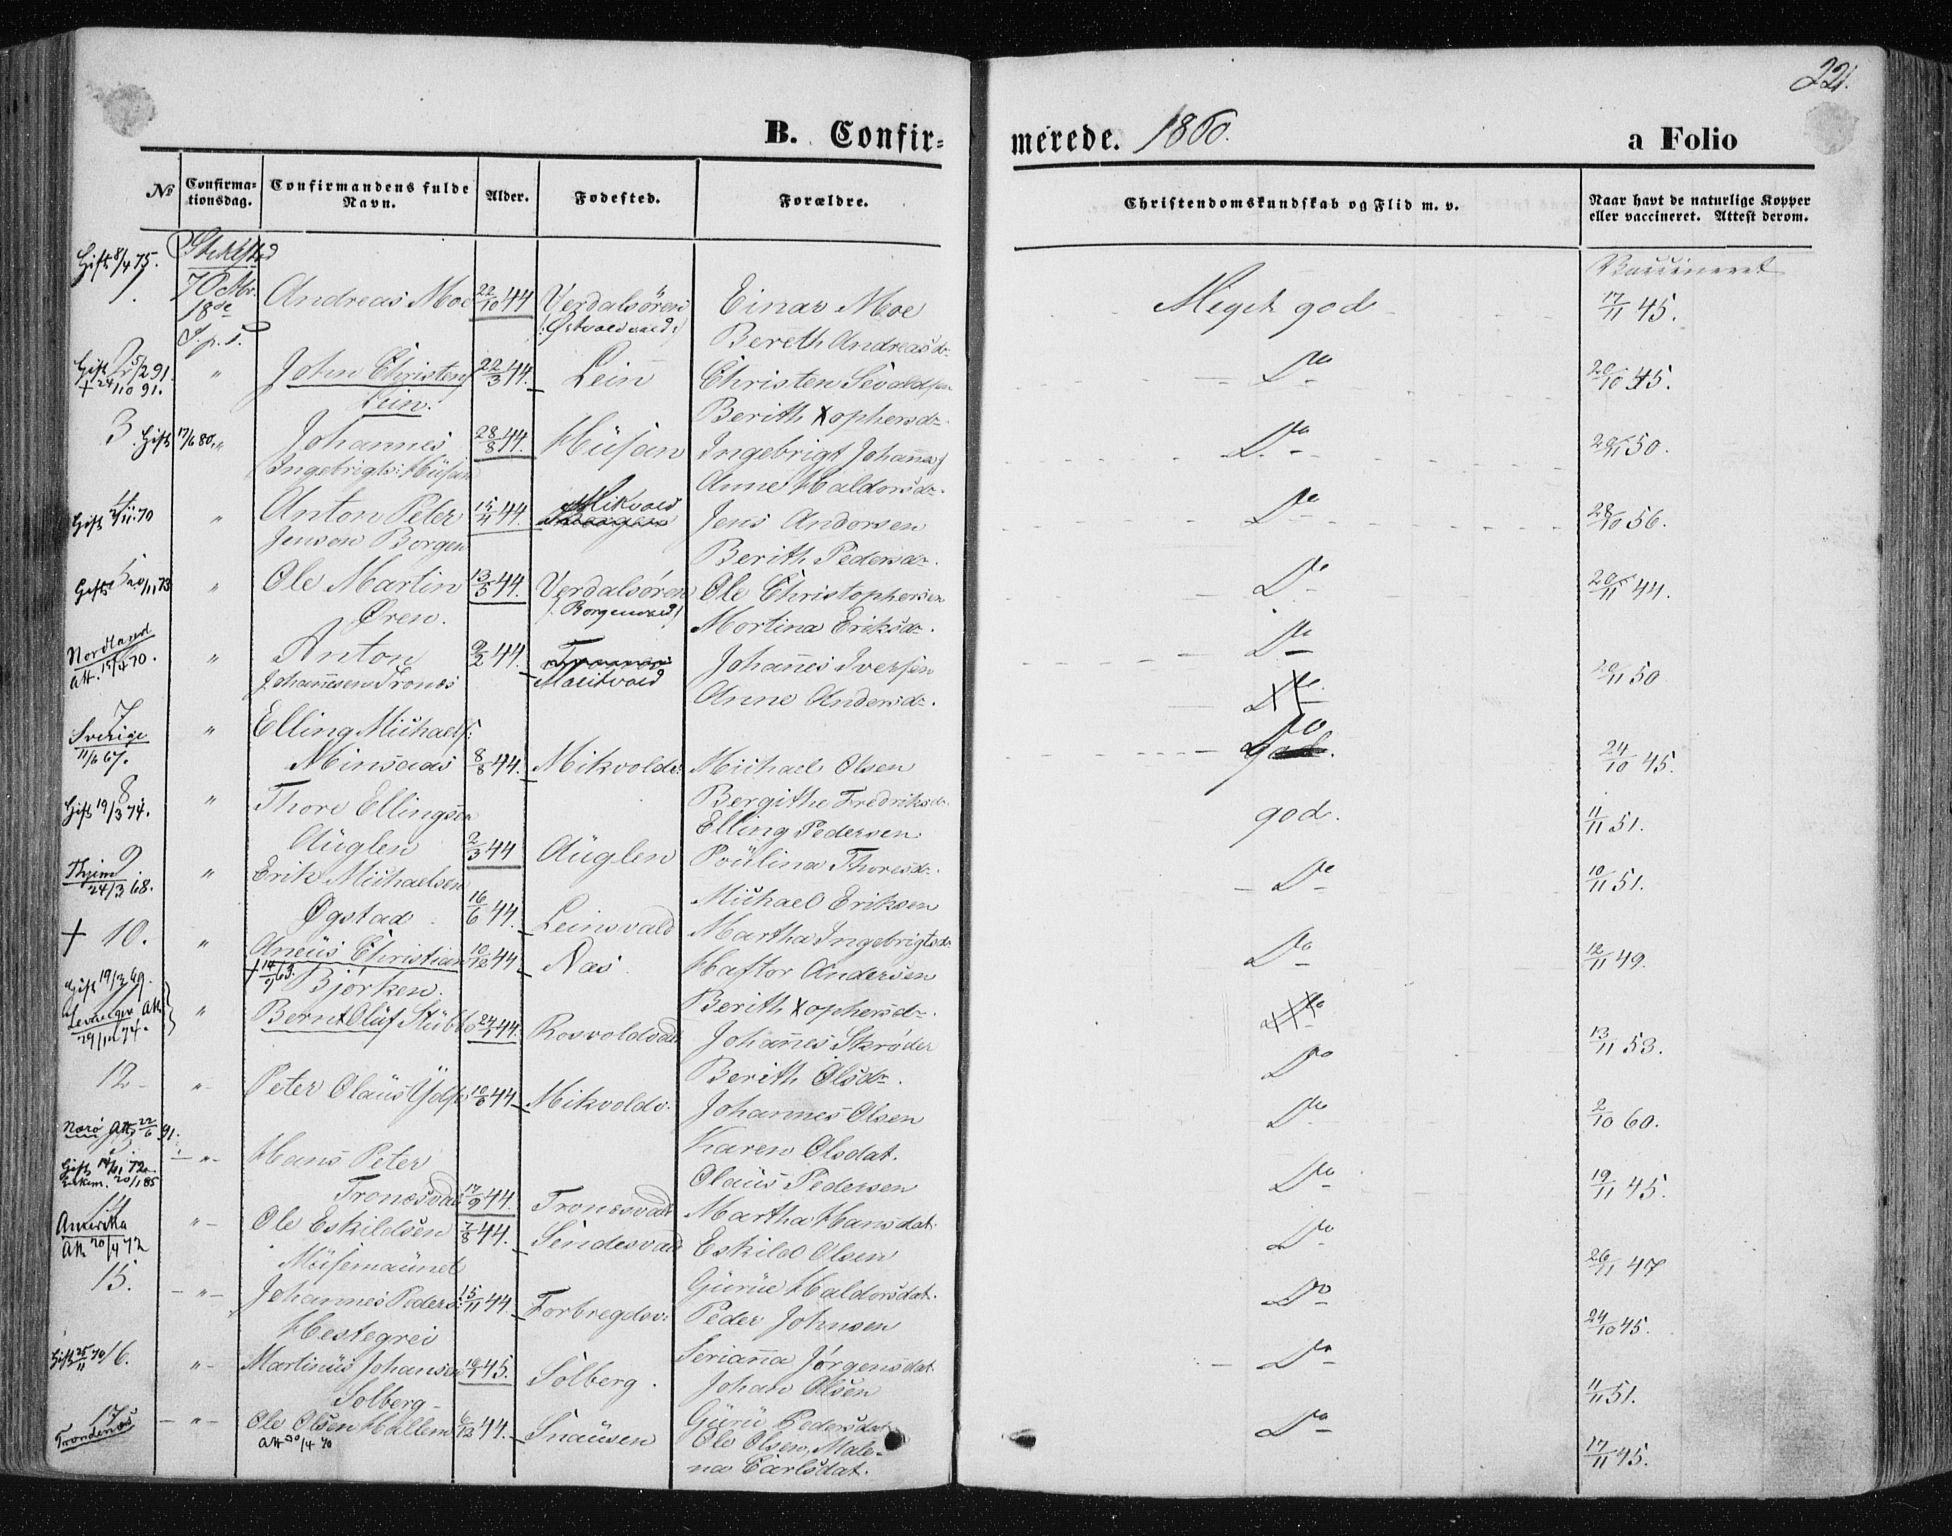 SAT, Ministerialprotokoller, klokkerbøker og fødselsregistre - Nord-Trøndelag, 723/L0241: Ministerialbok nr. 723A10, 1860-1869, s. 221